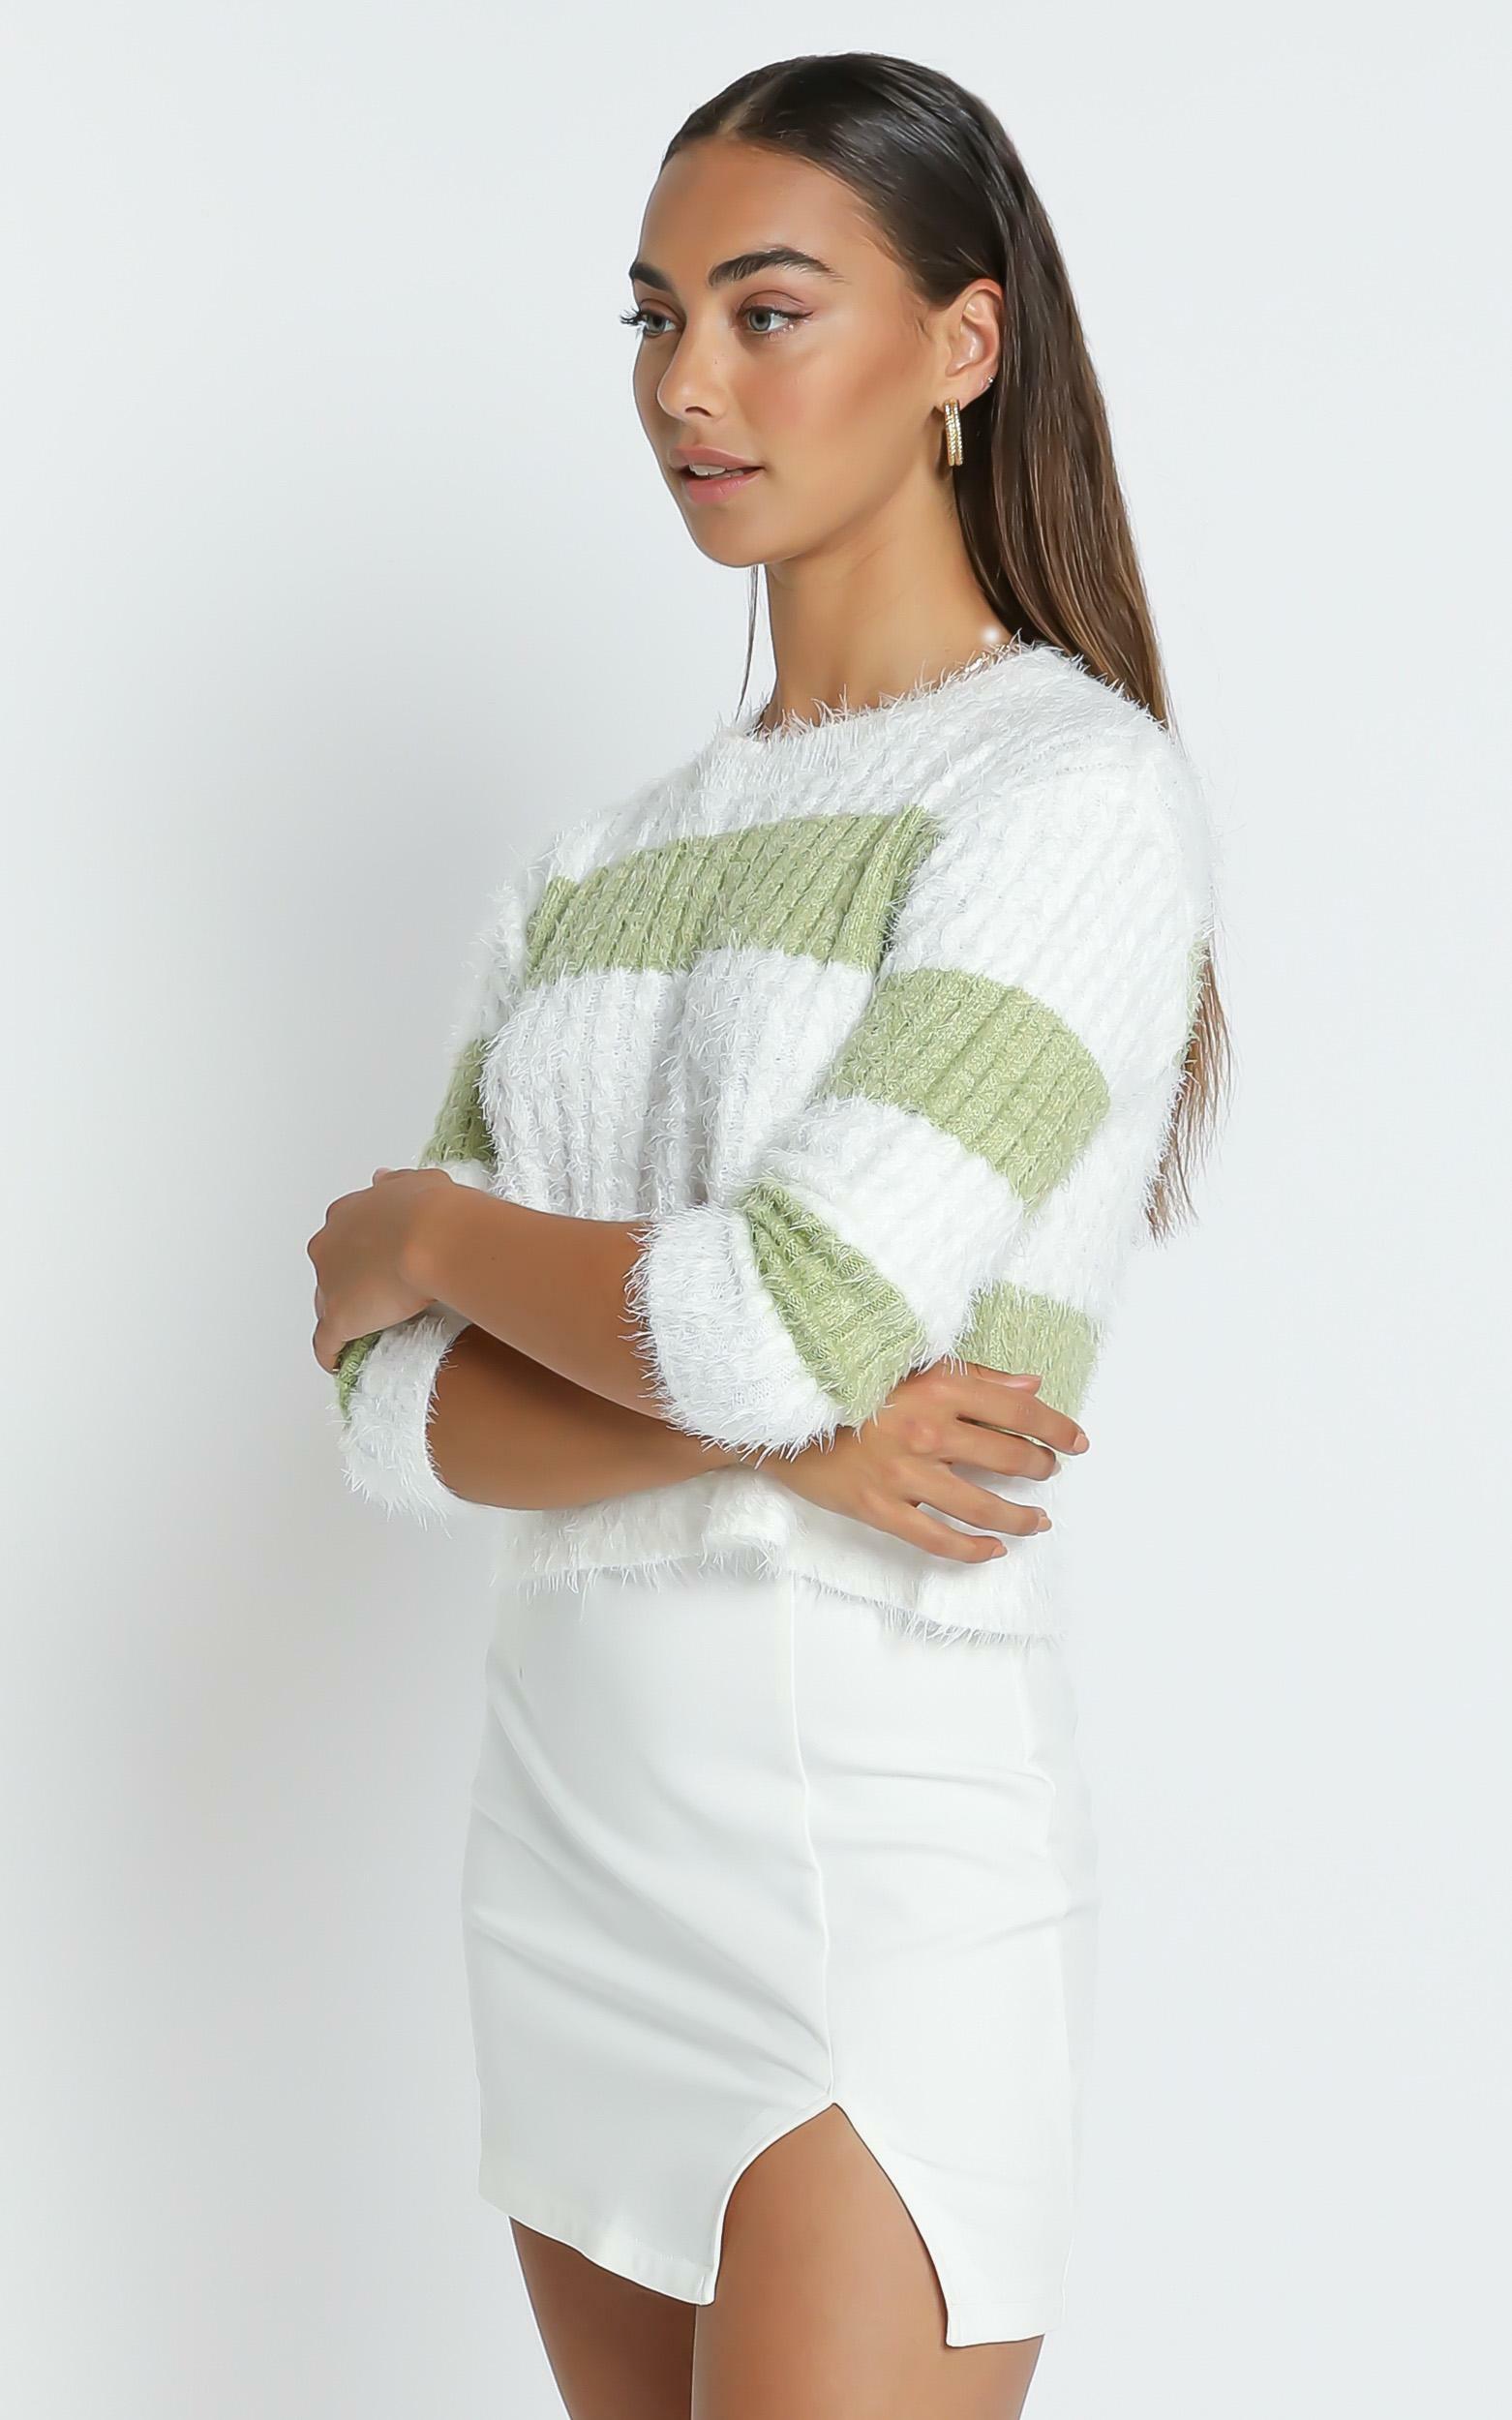 Dalziel Knit Jumper in Sage & White Stripe - S/M, Sage, hi-res image number null